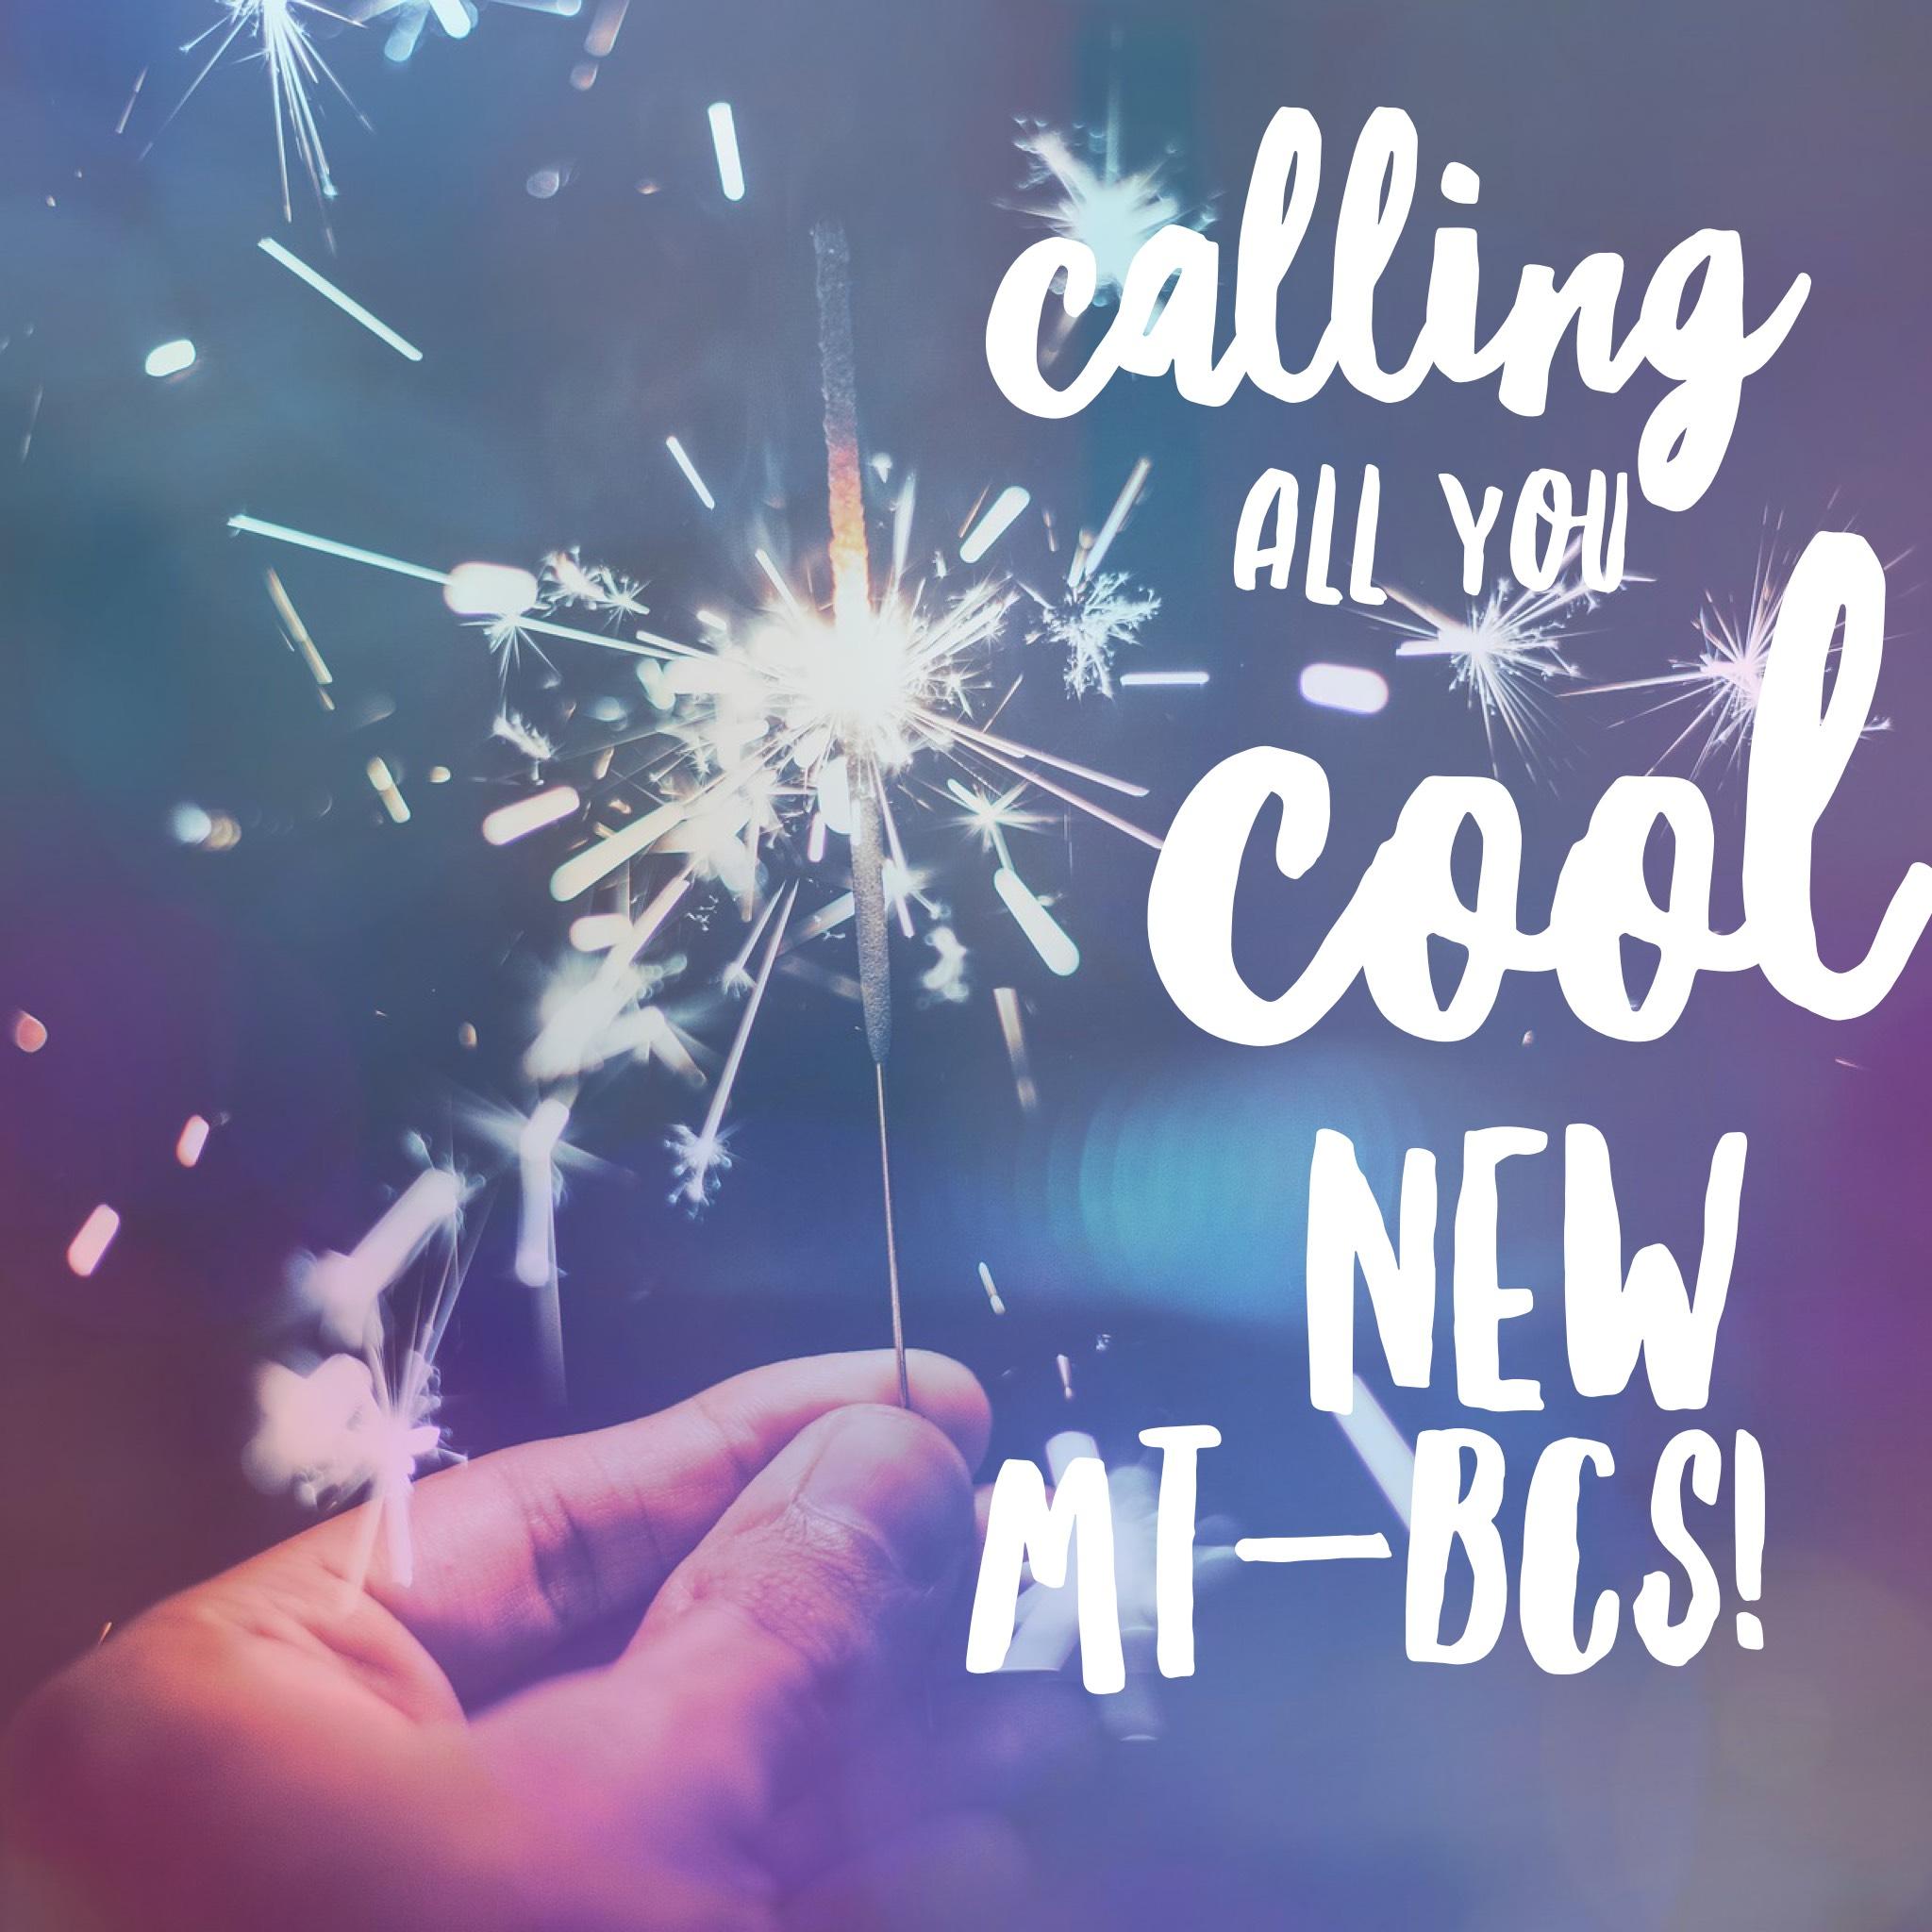 Calling all new MT-BCs